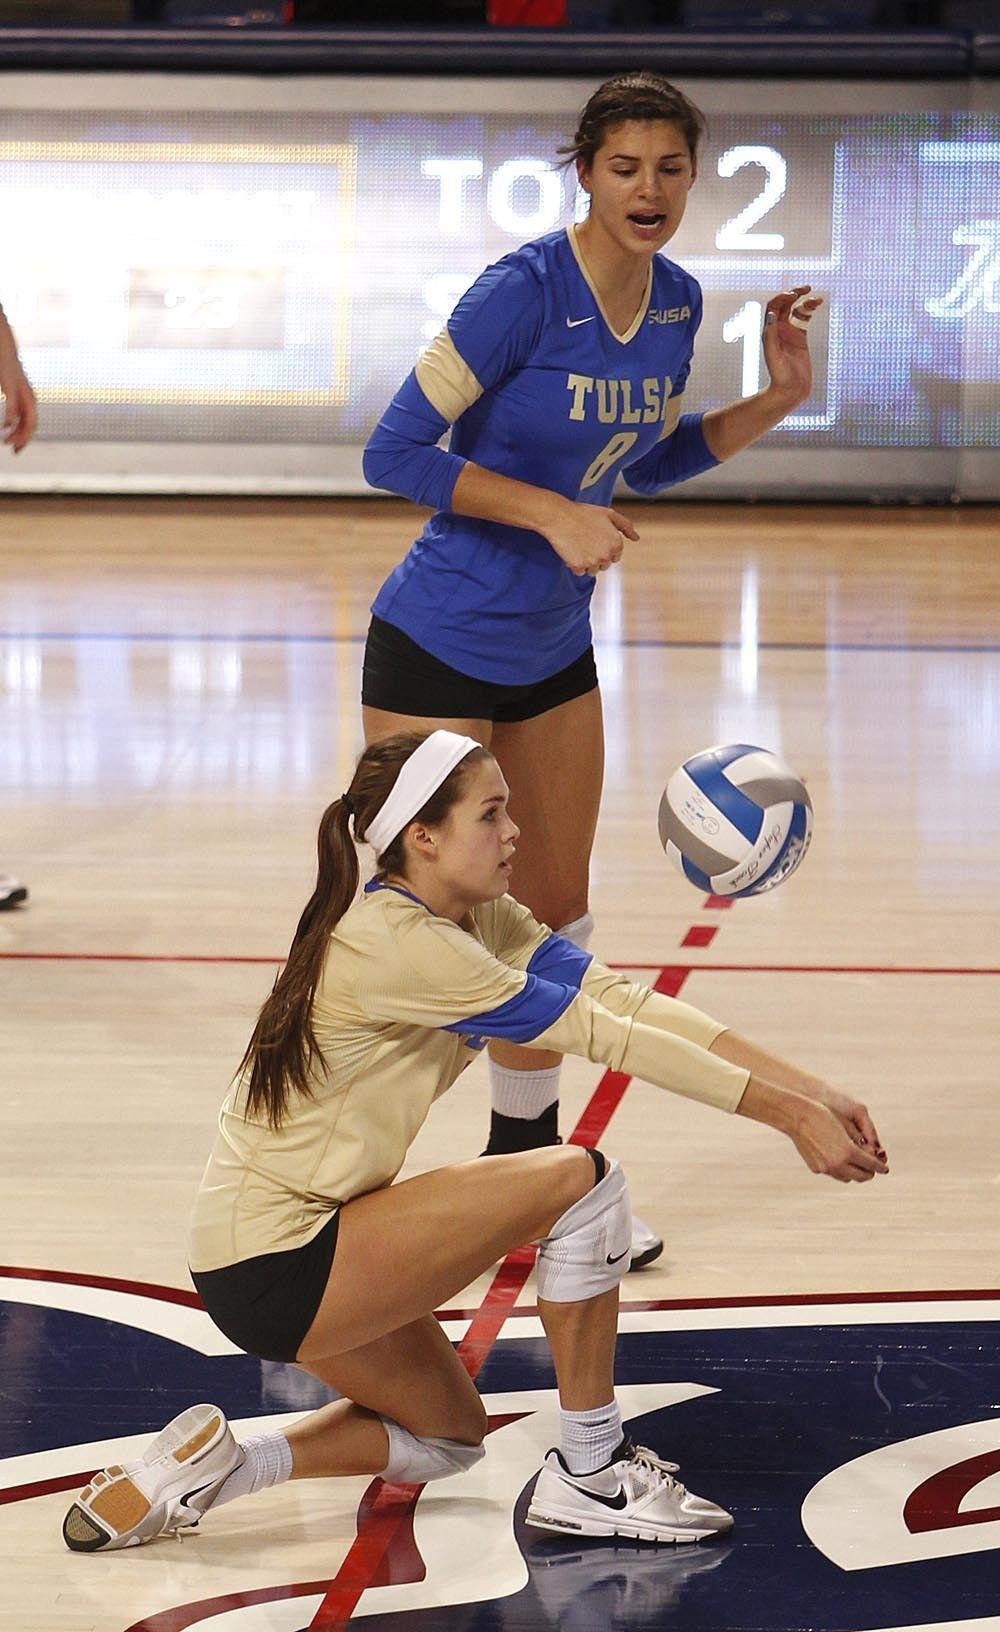 Jessica Adams Tulsa 11 12 Fall Sports Womens Soccer Sport Fitness